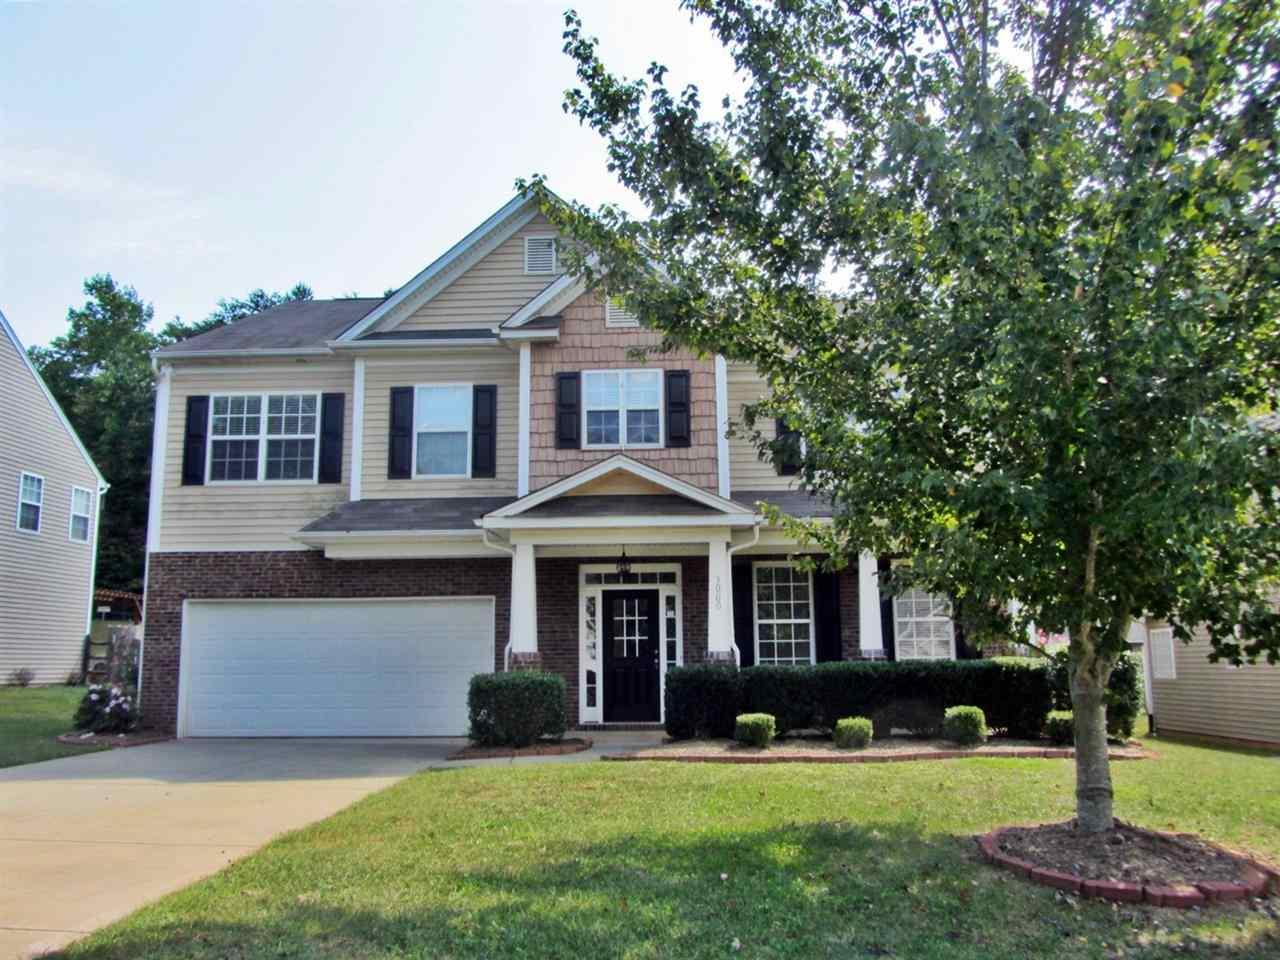 Real Estate for Sale, ListingId: 31898824, Indian Land,SC29707